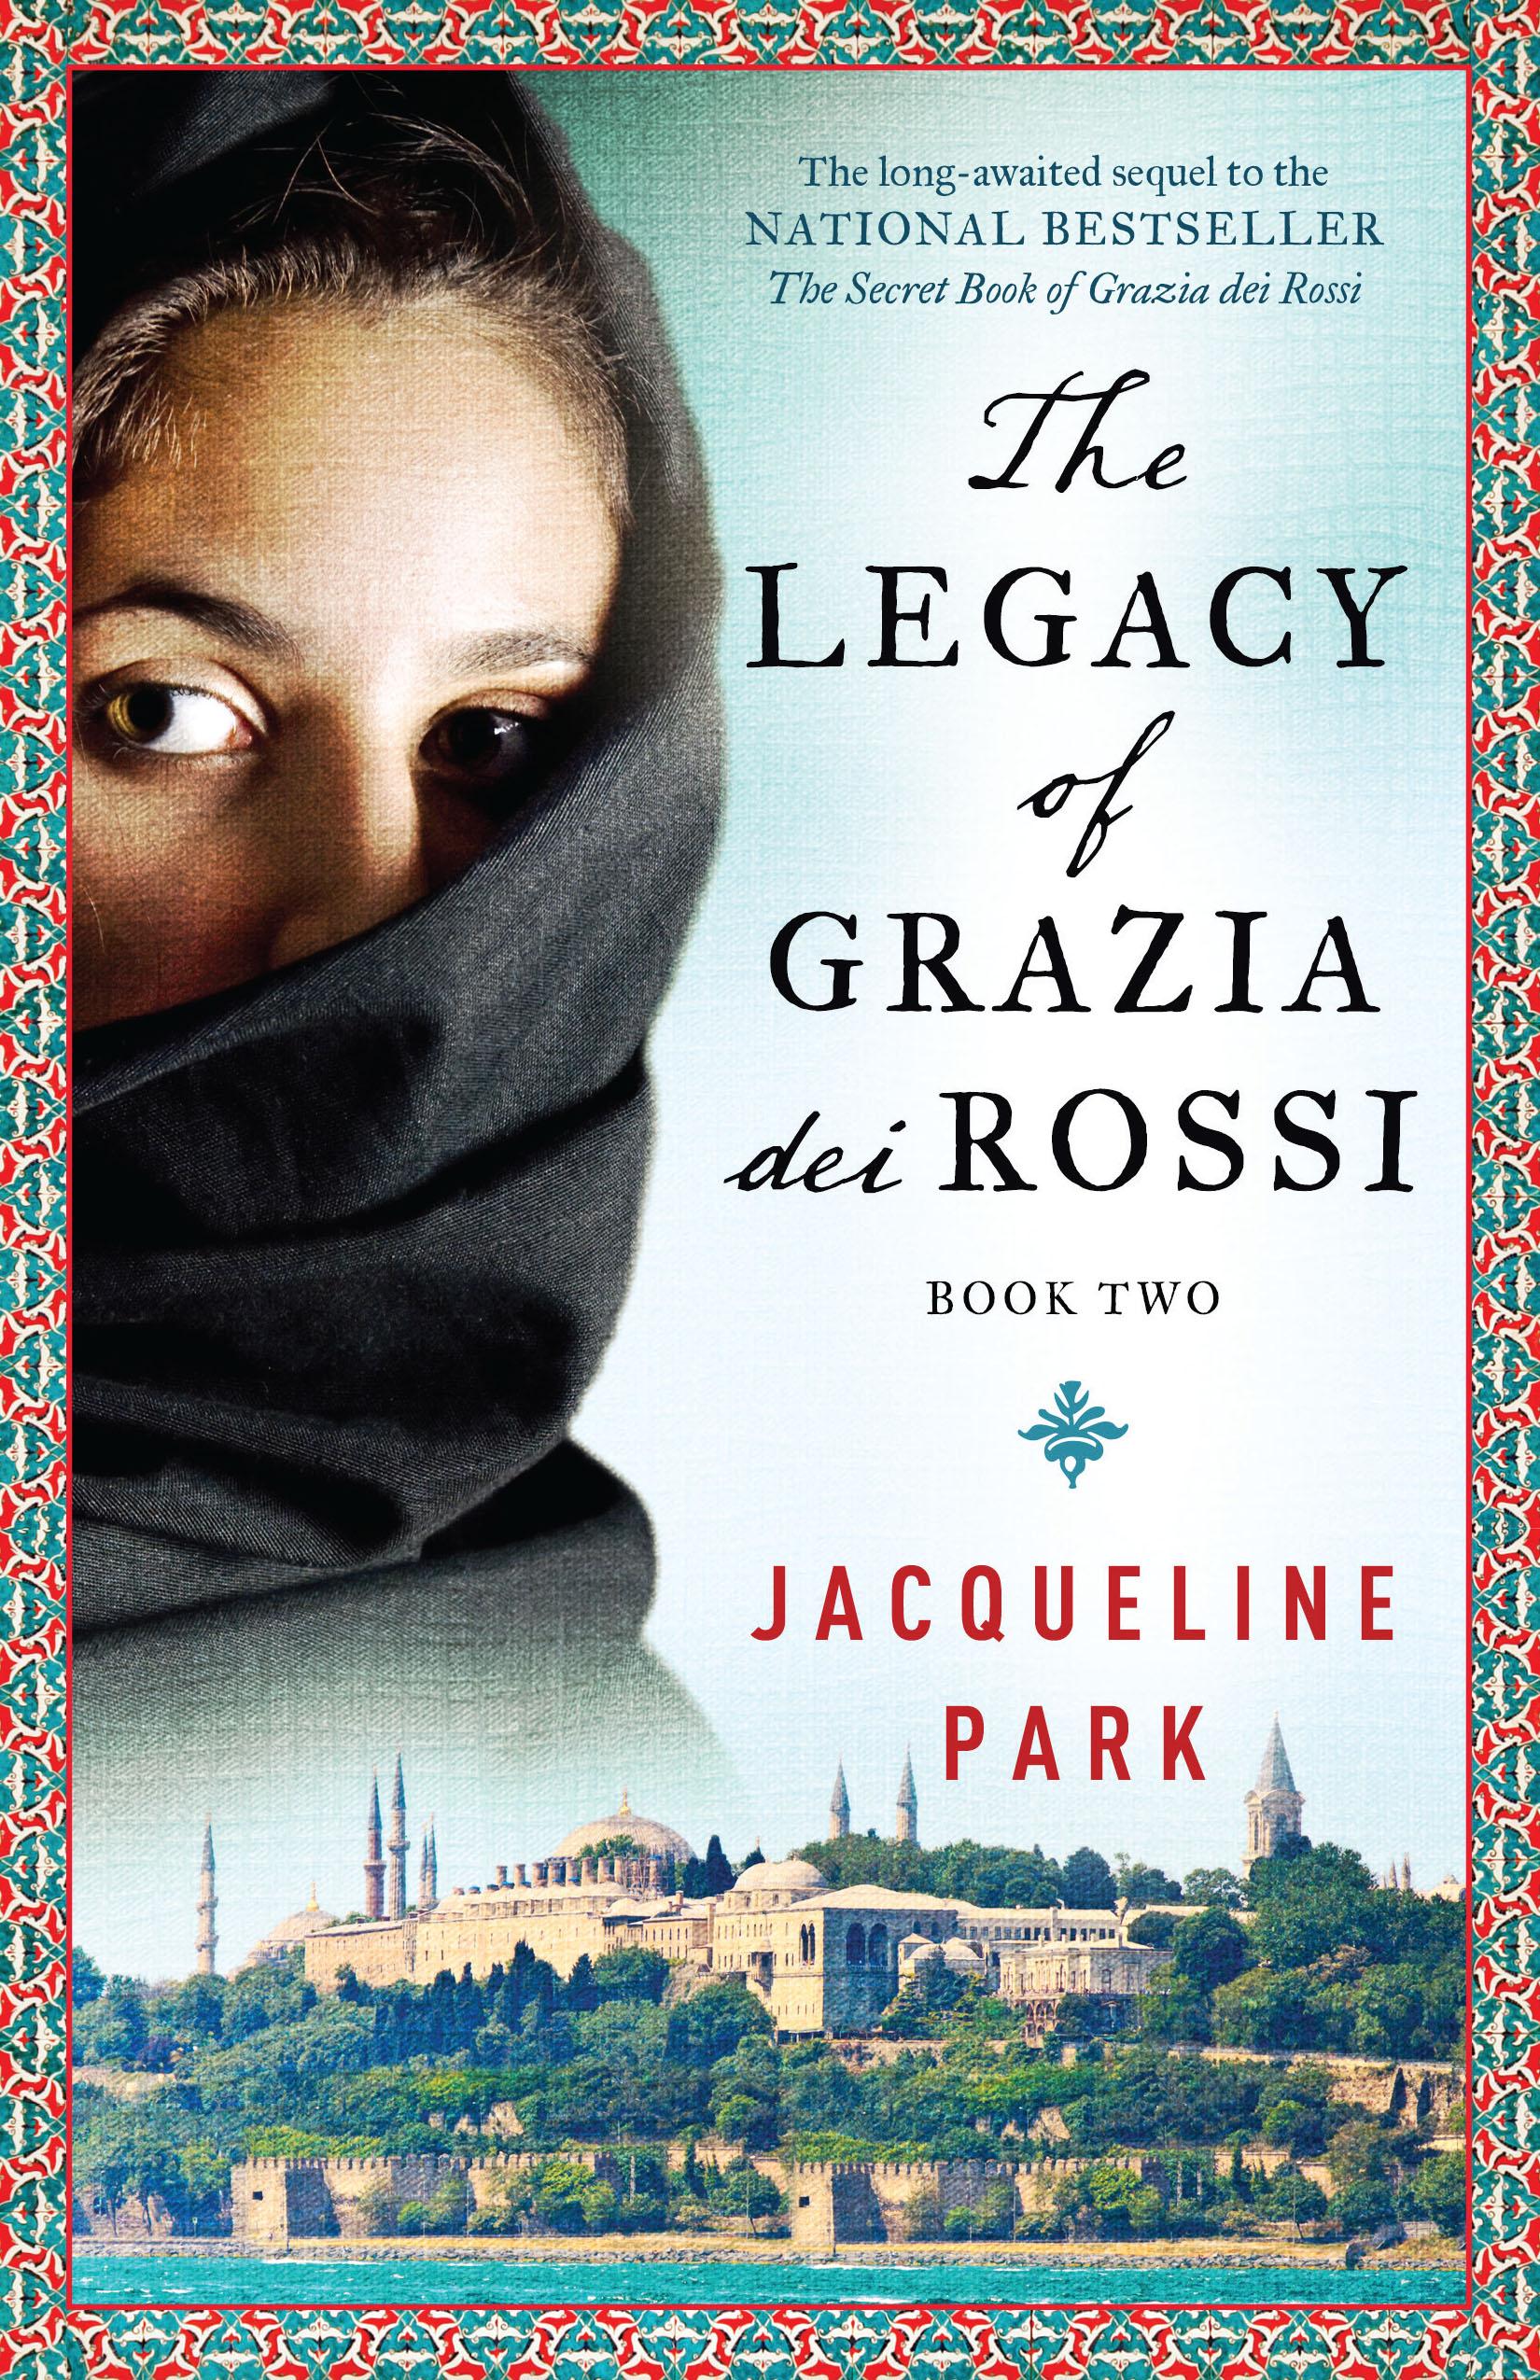 The Legacy of Grazia dei Rossi